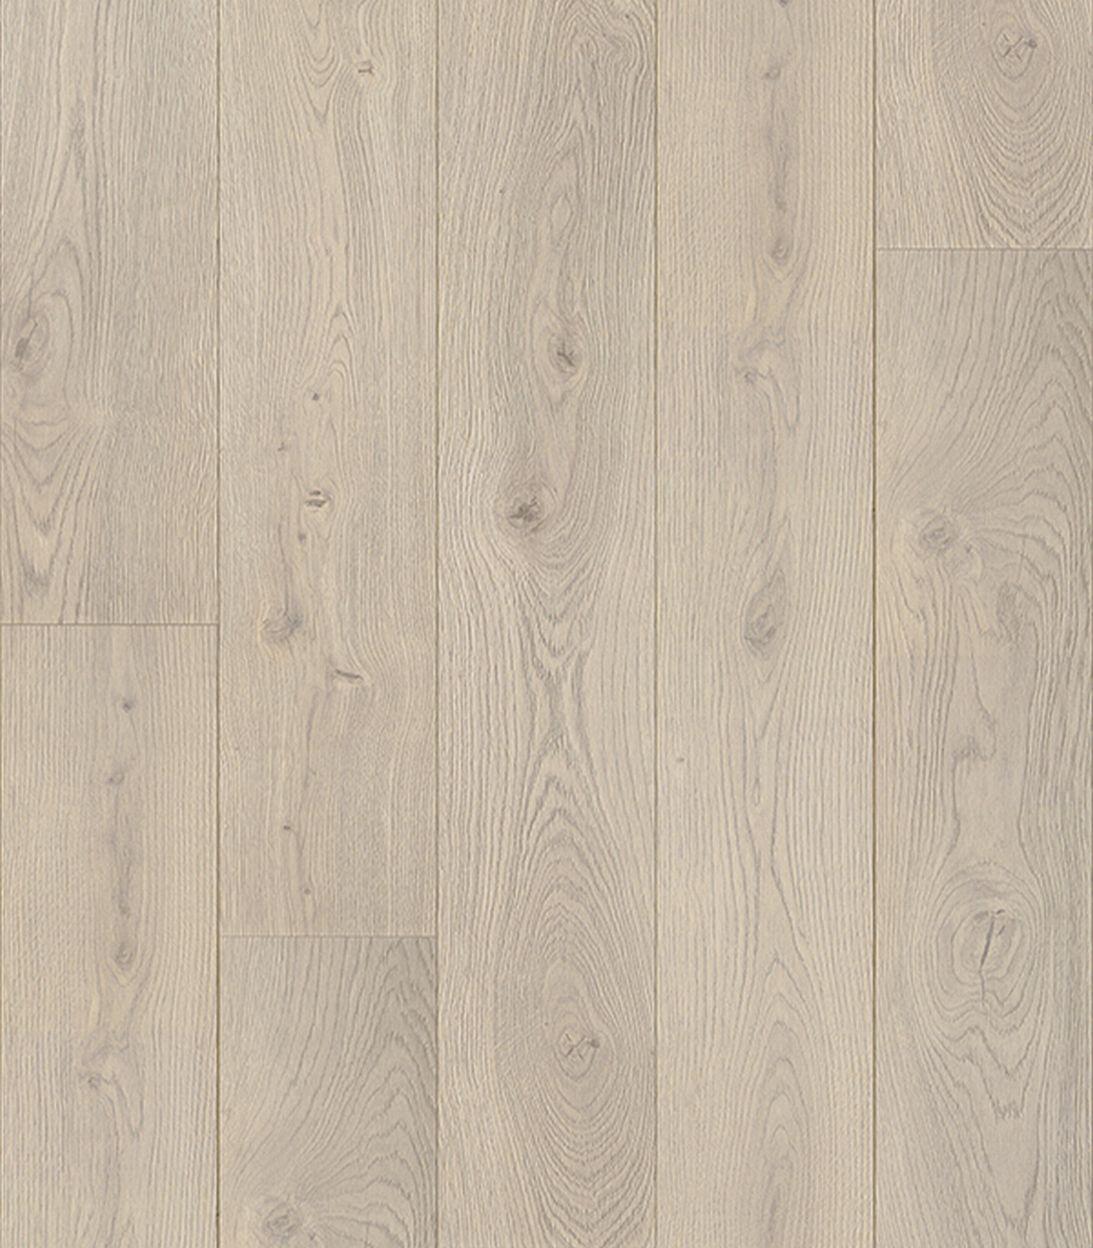 Купить Ламинат C&Go Дуб перламутровый серый 33 класс 1, 311 кв.м. 12 мм, Светлый